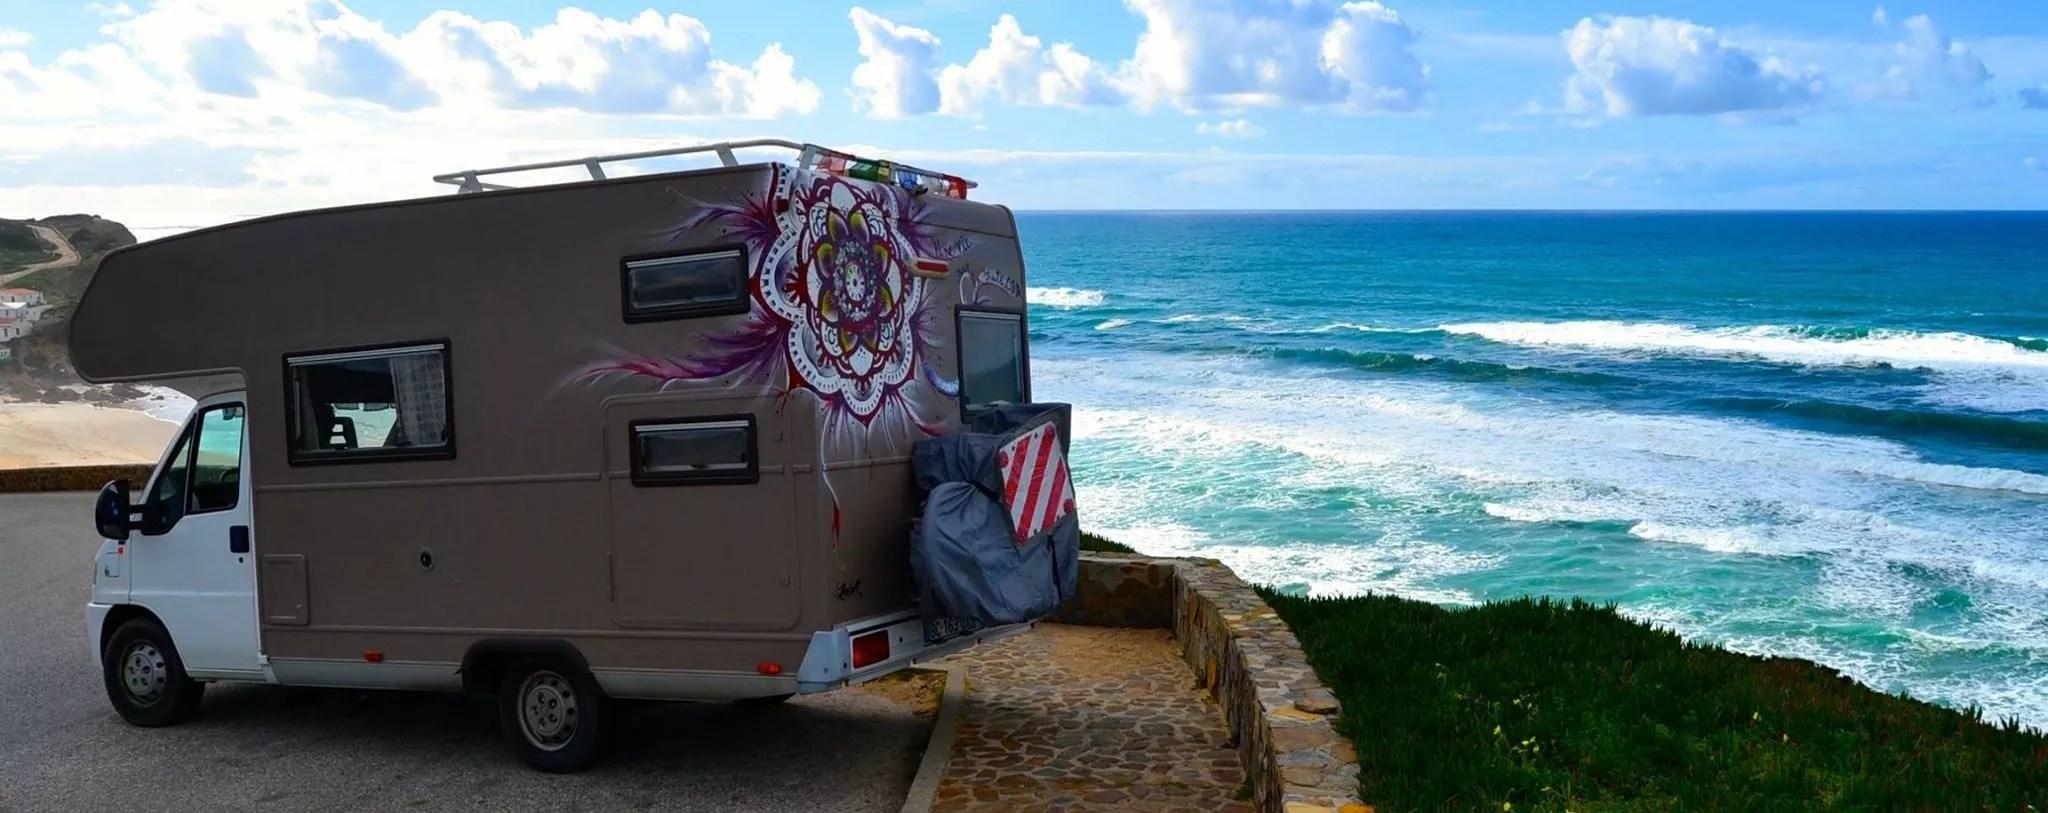 changer de vie et vivre dans un camping car toute l 39 ann e. Black Bedroom Furniture Sets. Home Design Ideas